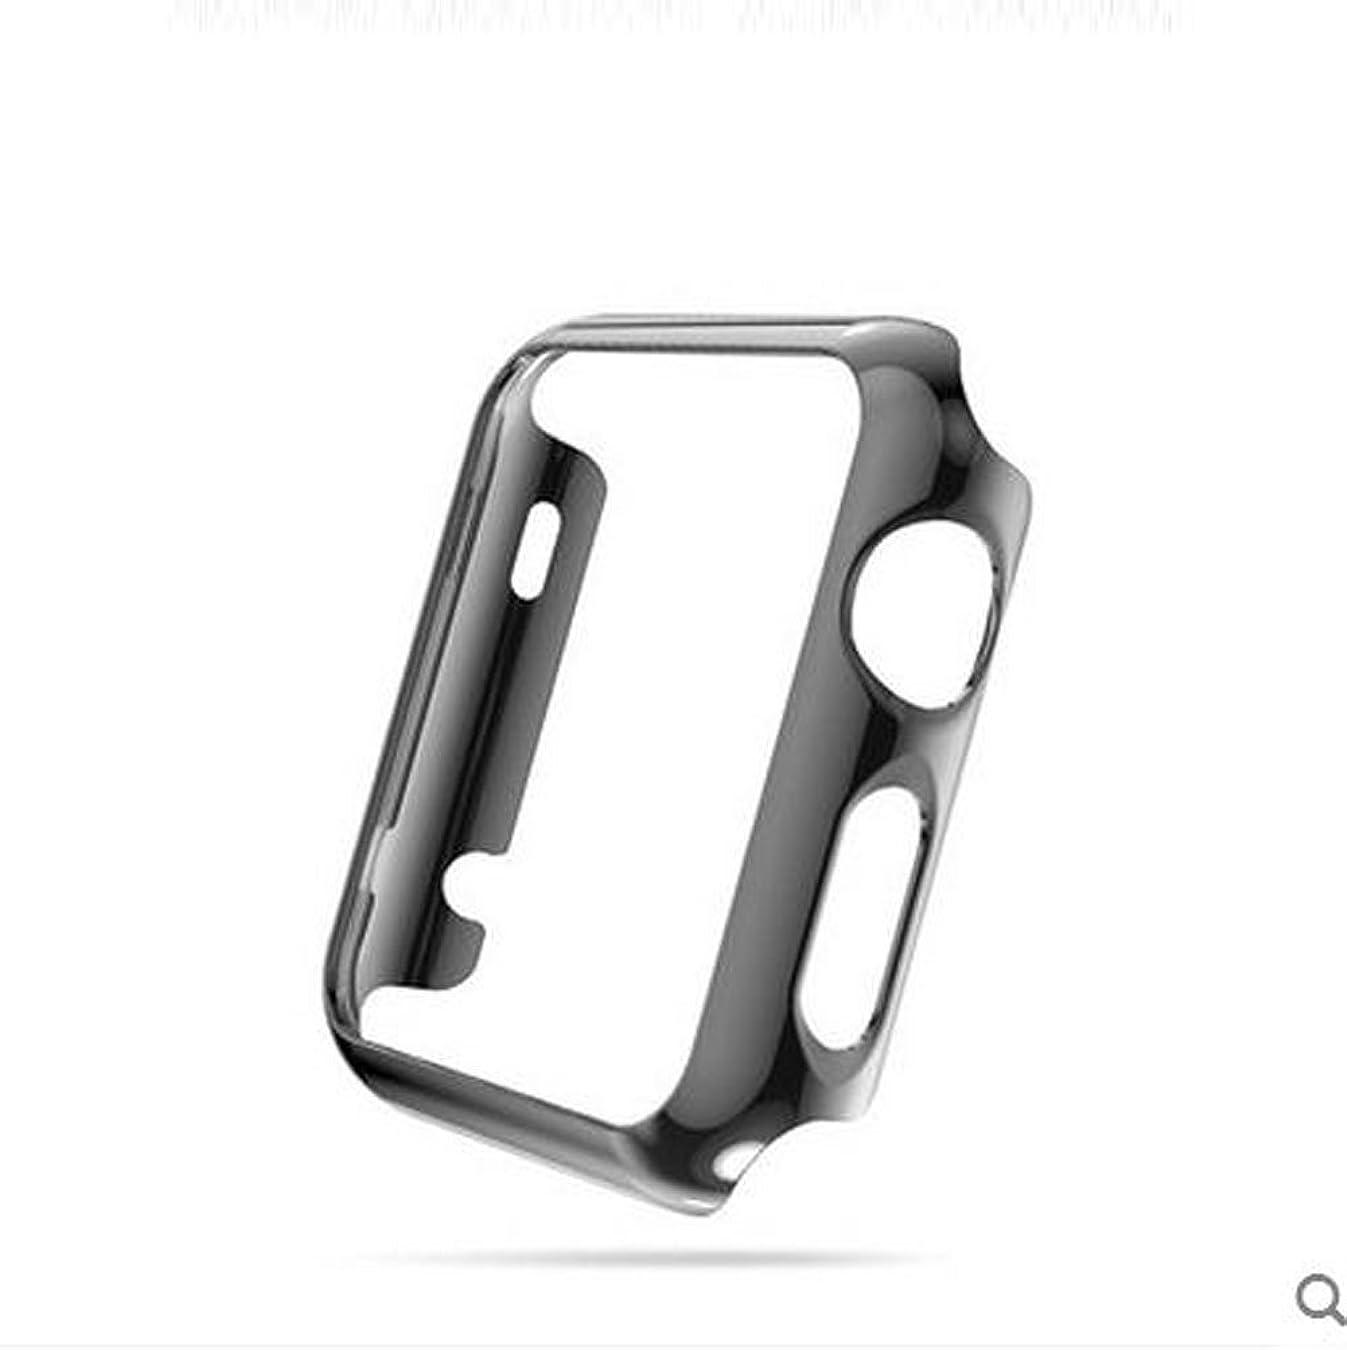 秘密のスーツケースエンドウApple Watch ケース Sakula 高品質PC メーキ加工 耐衝撃性 脱着簡単 超薄 アップルウォッチ カバー (38mm ブラック)